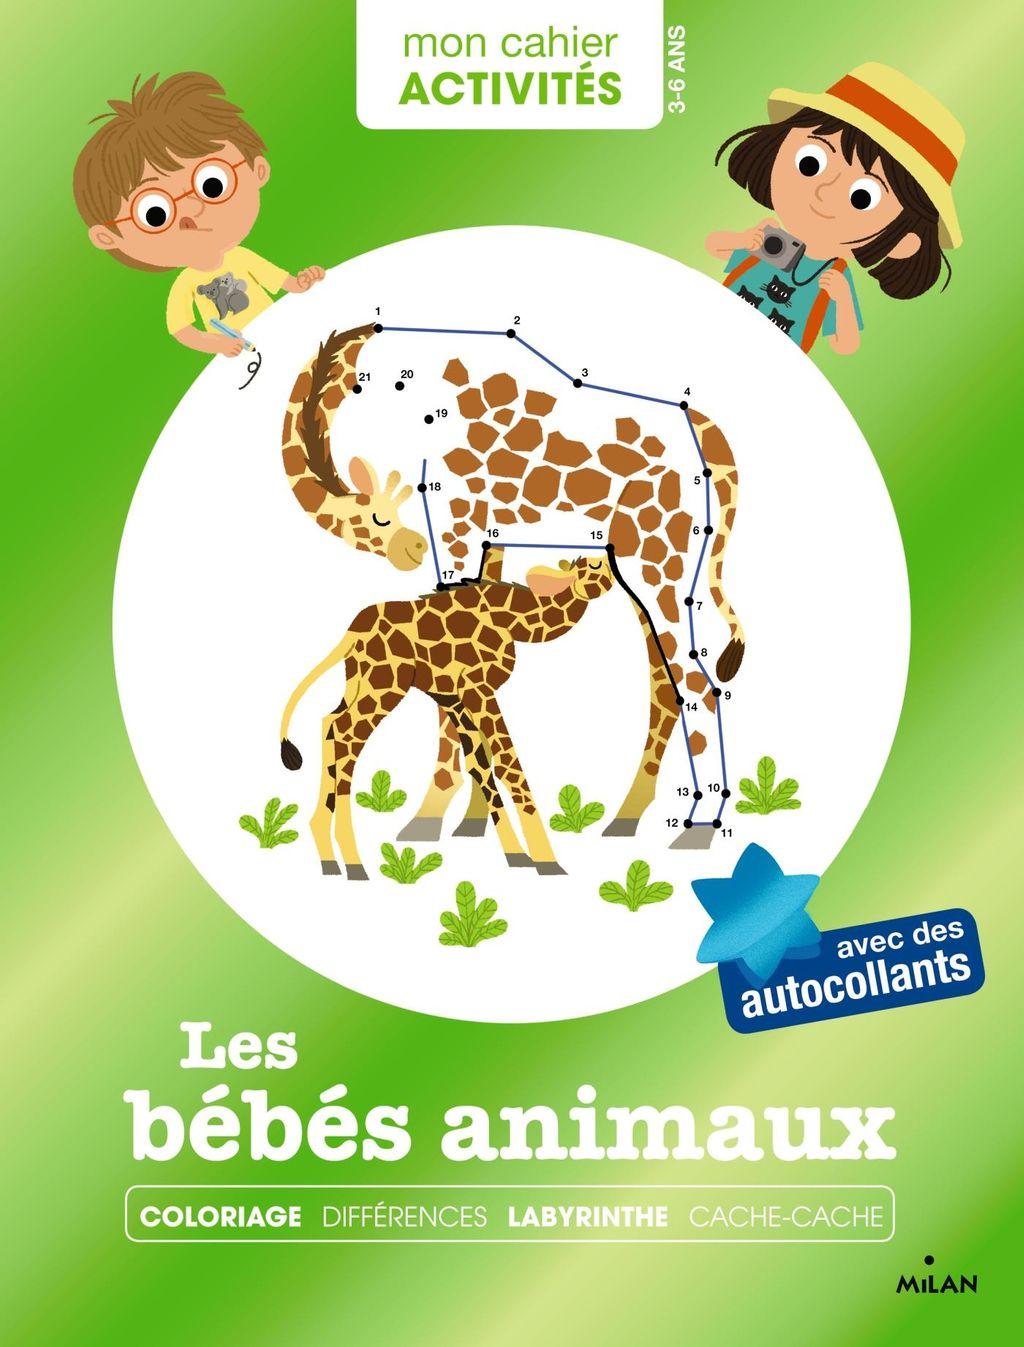 «Mon cahier d'activités – Bébés animaux» cover